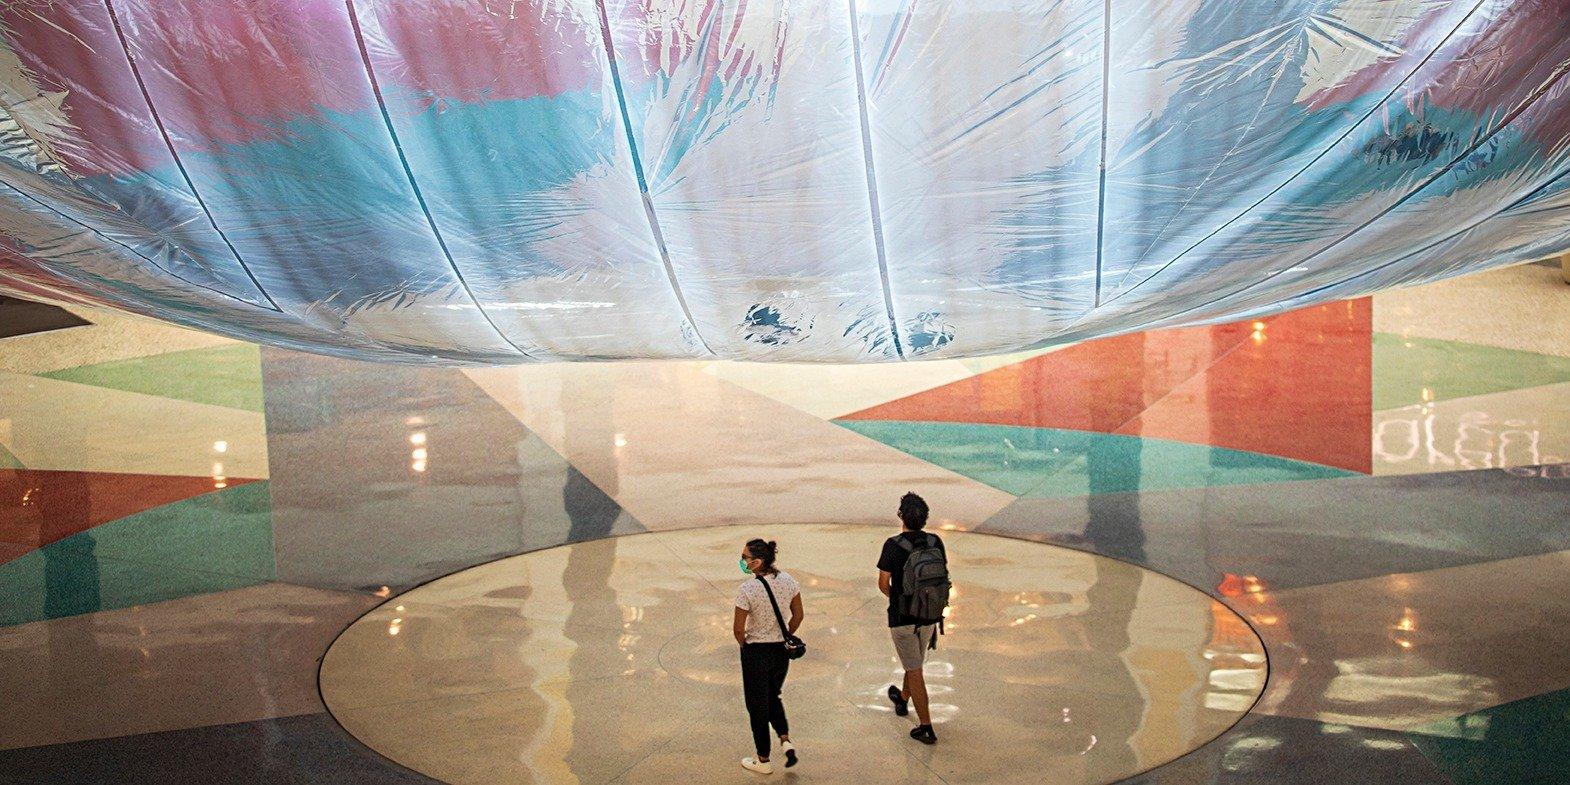 Mundus Imaginalis: uma instalação de arte aérea gigante que celebra a vida em comunidade para ver no Centro Colombo